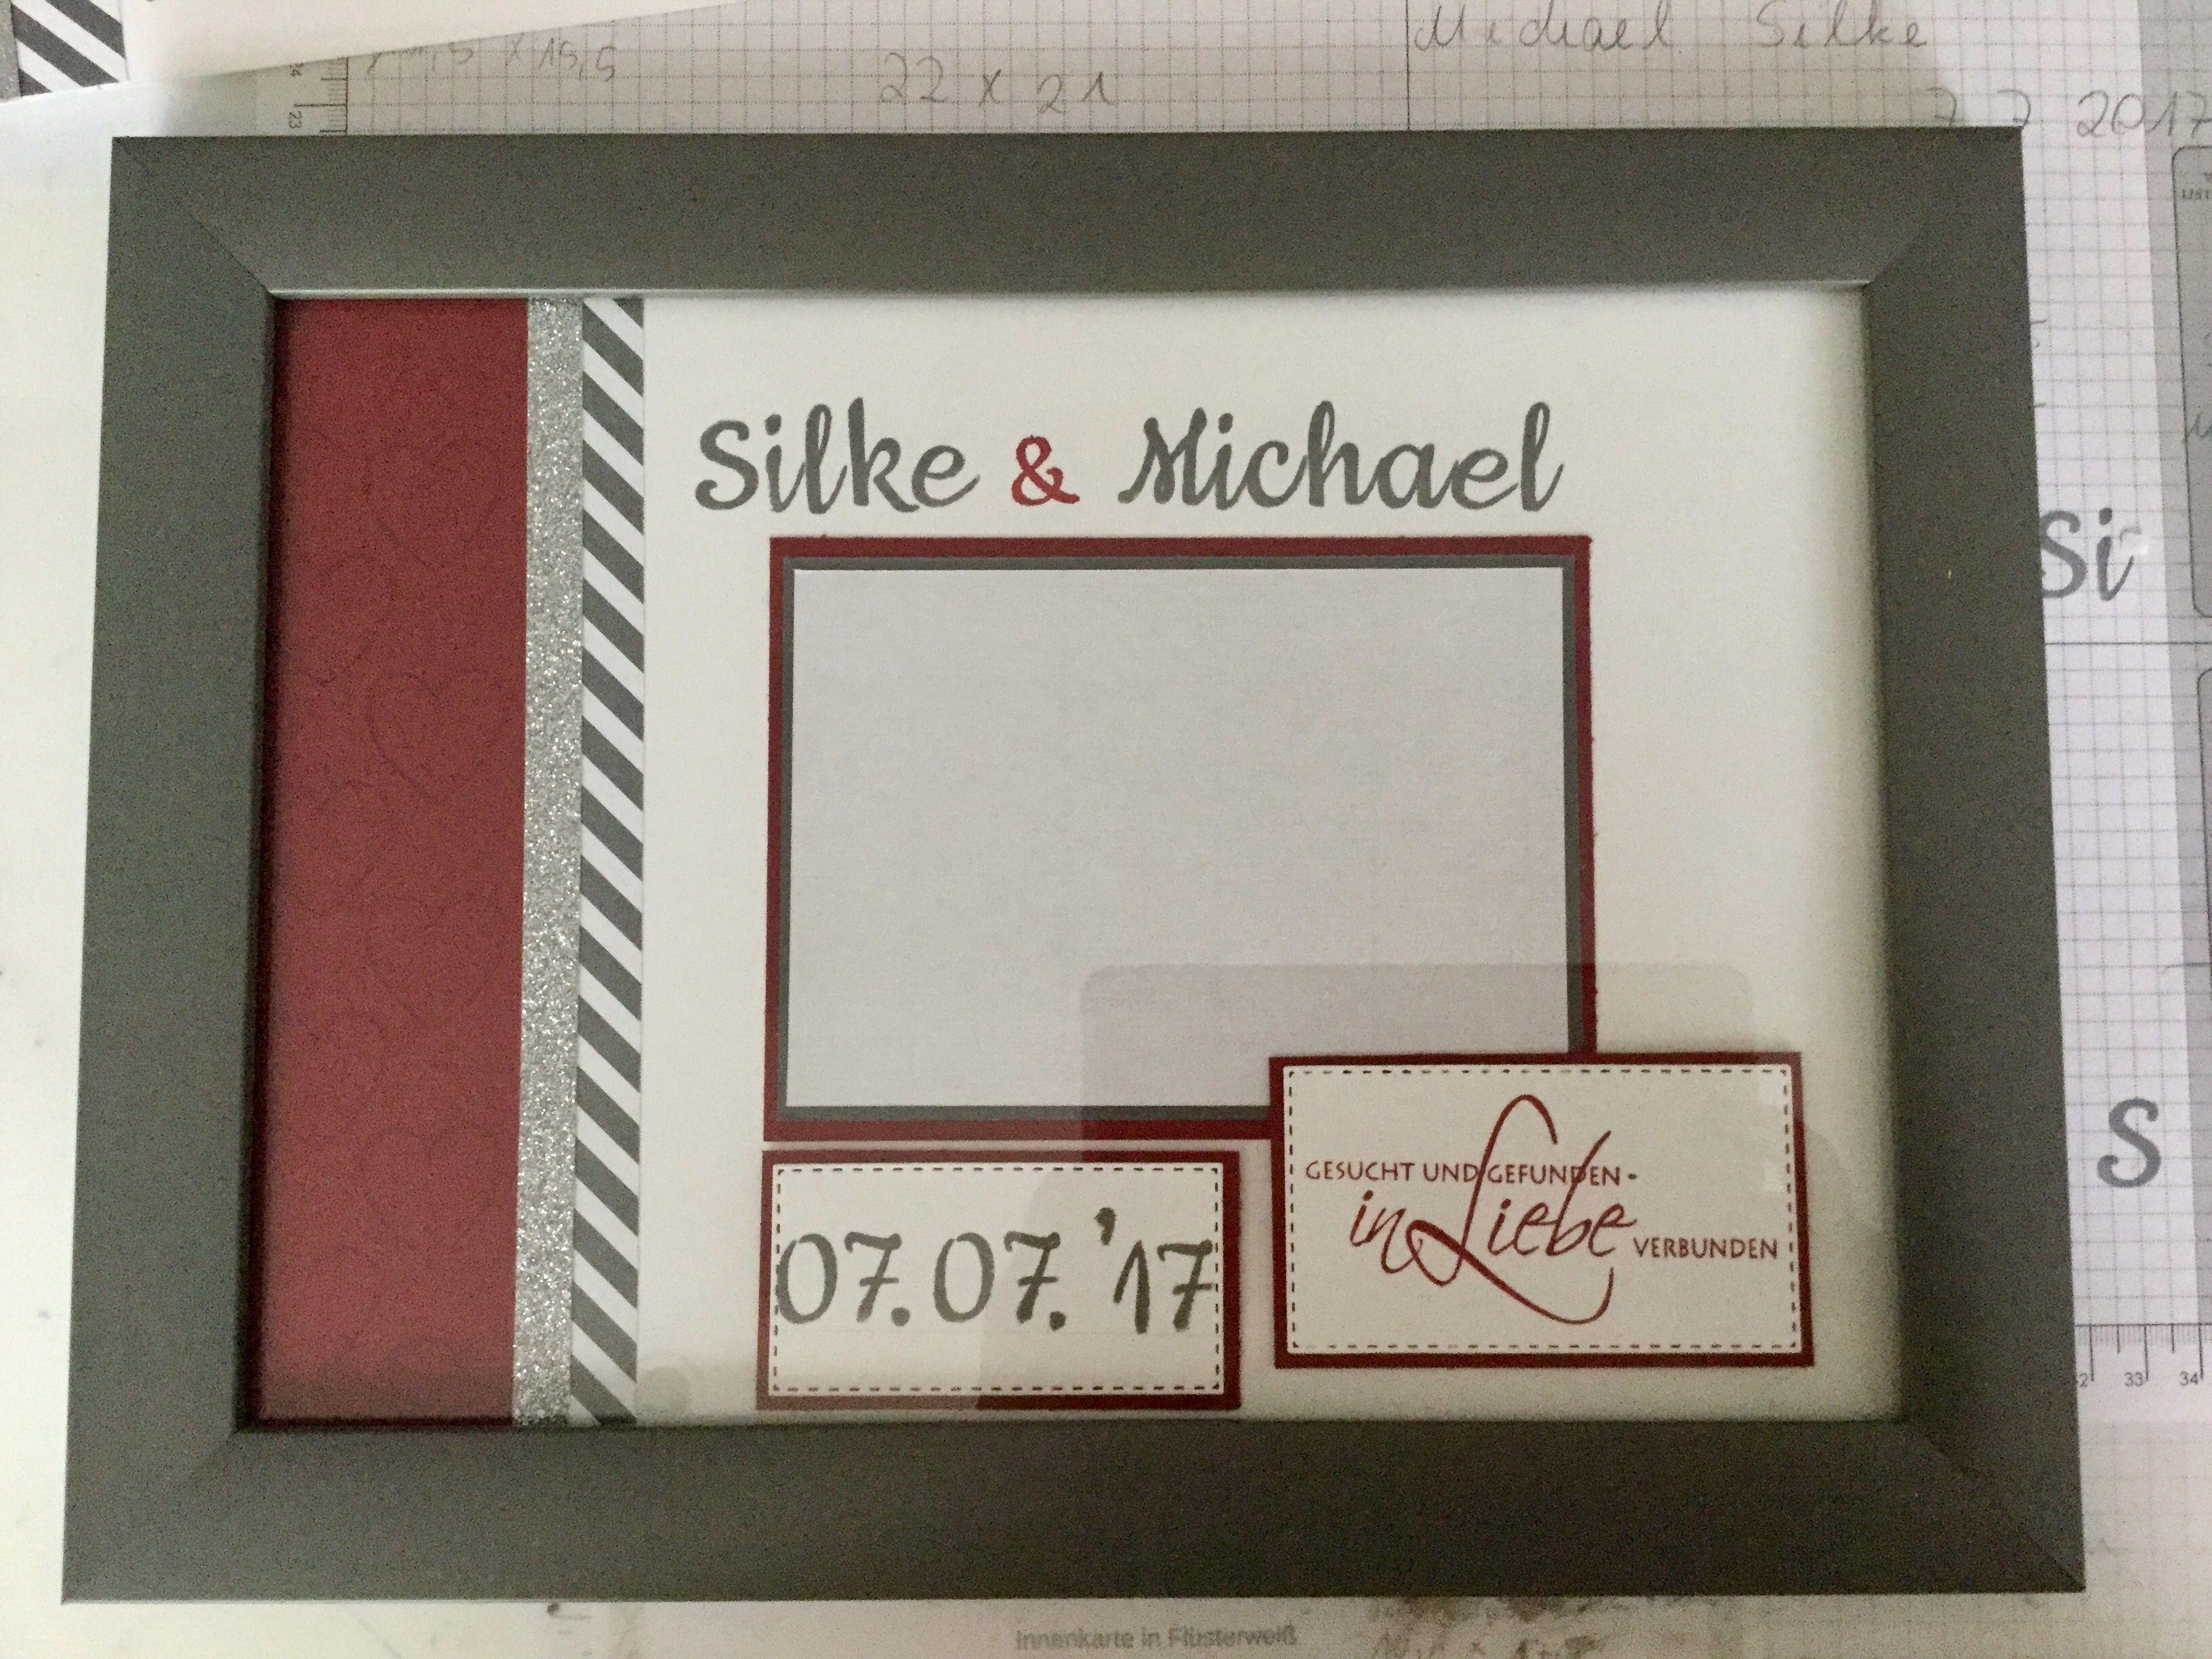 Ziemlich 12 X 24 Bildrahmen Michaels Bilder - Benutzerdefinierte ...